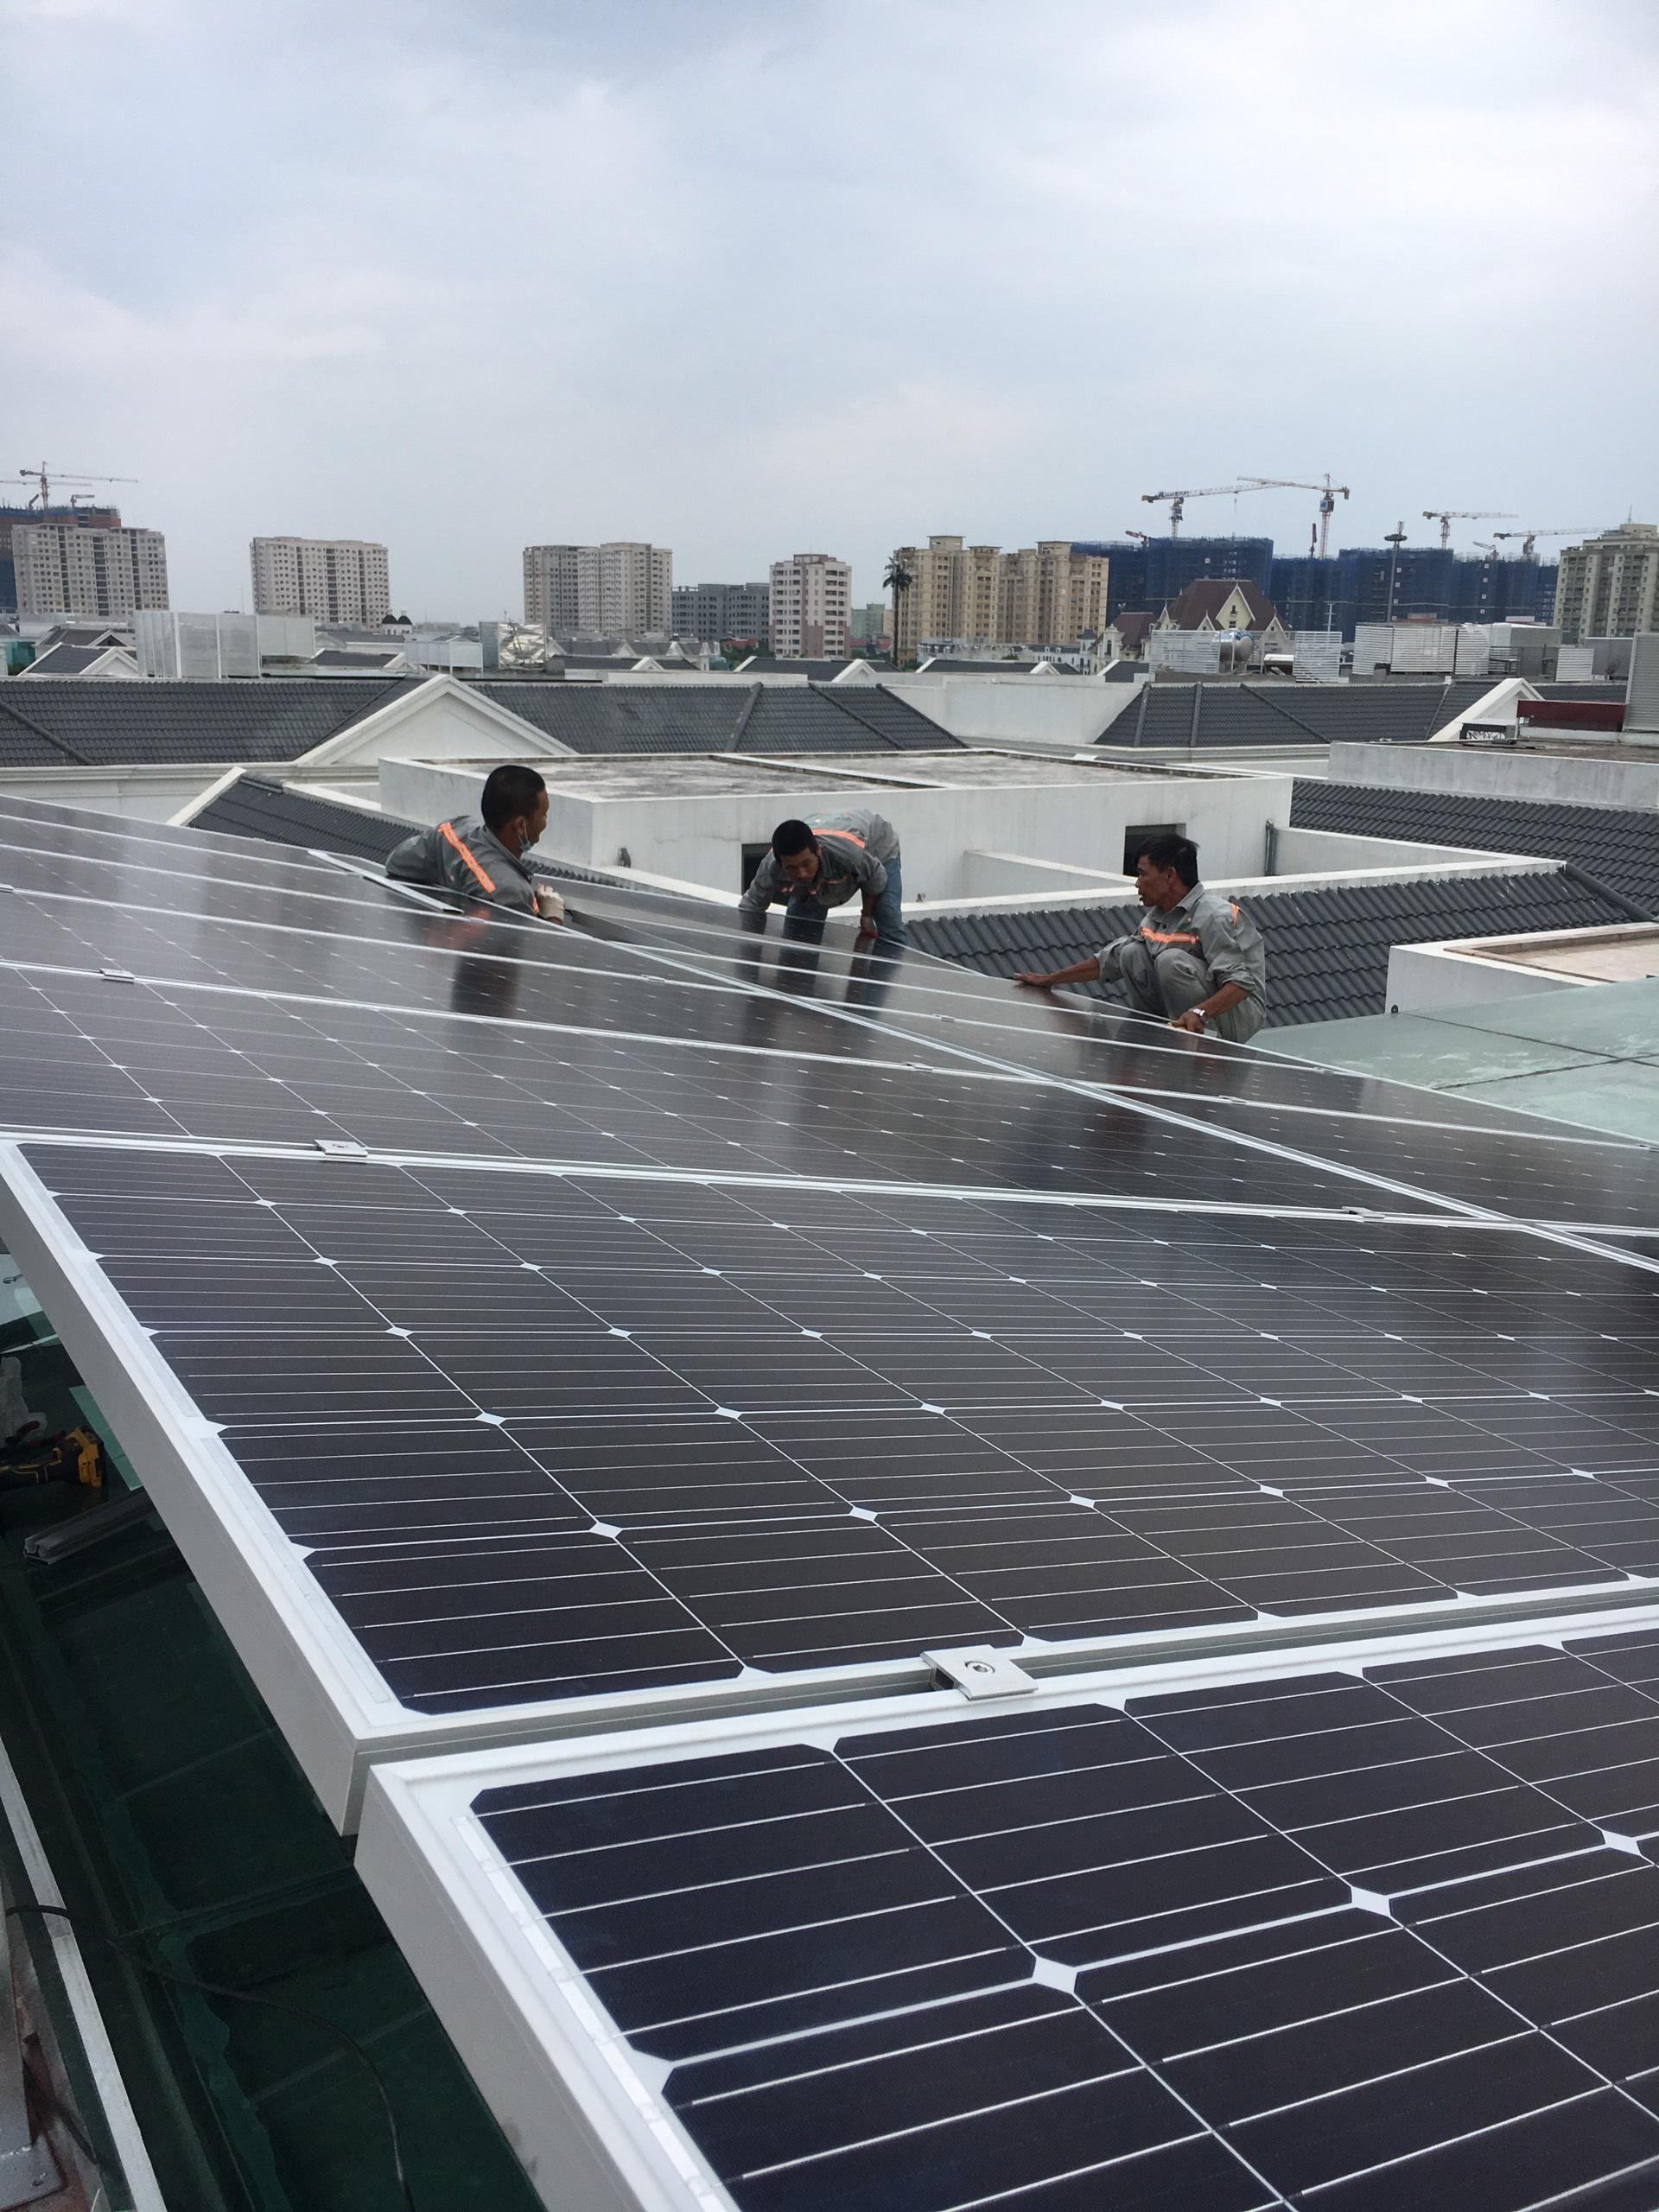 Bảng so sánh 3 hệ thống điện mặt trời: hòa lưới, độc lập, hòa lưới có lưu trữ